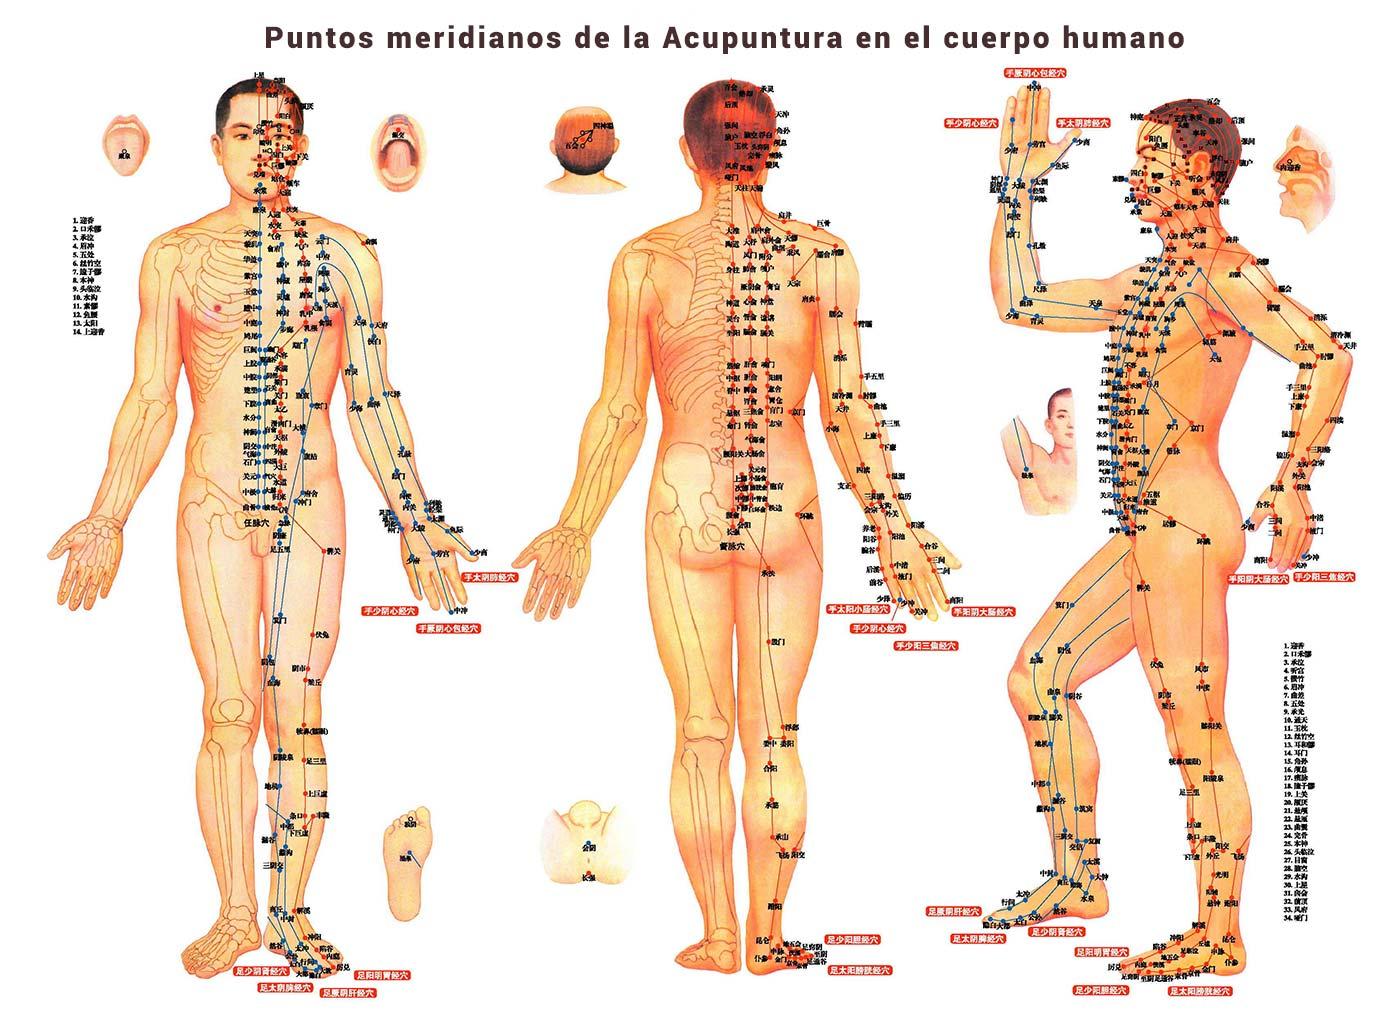 Acupuntura Legorburu Acupuntura y artrosis